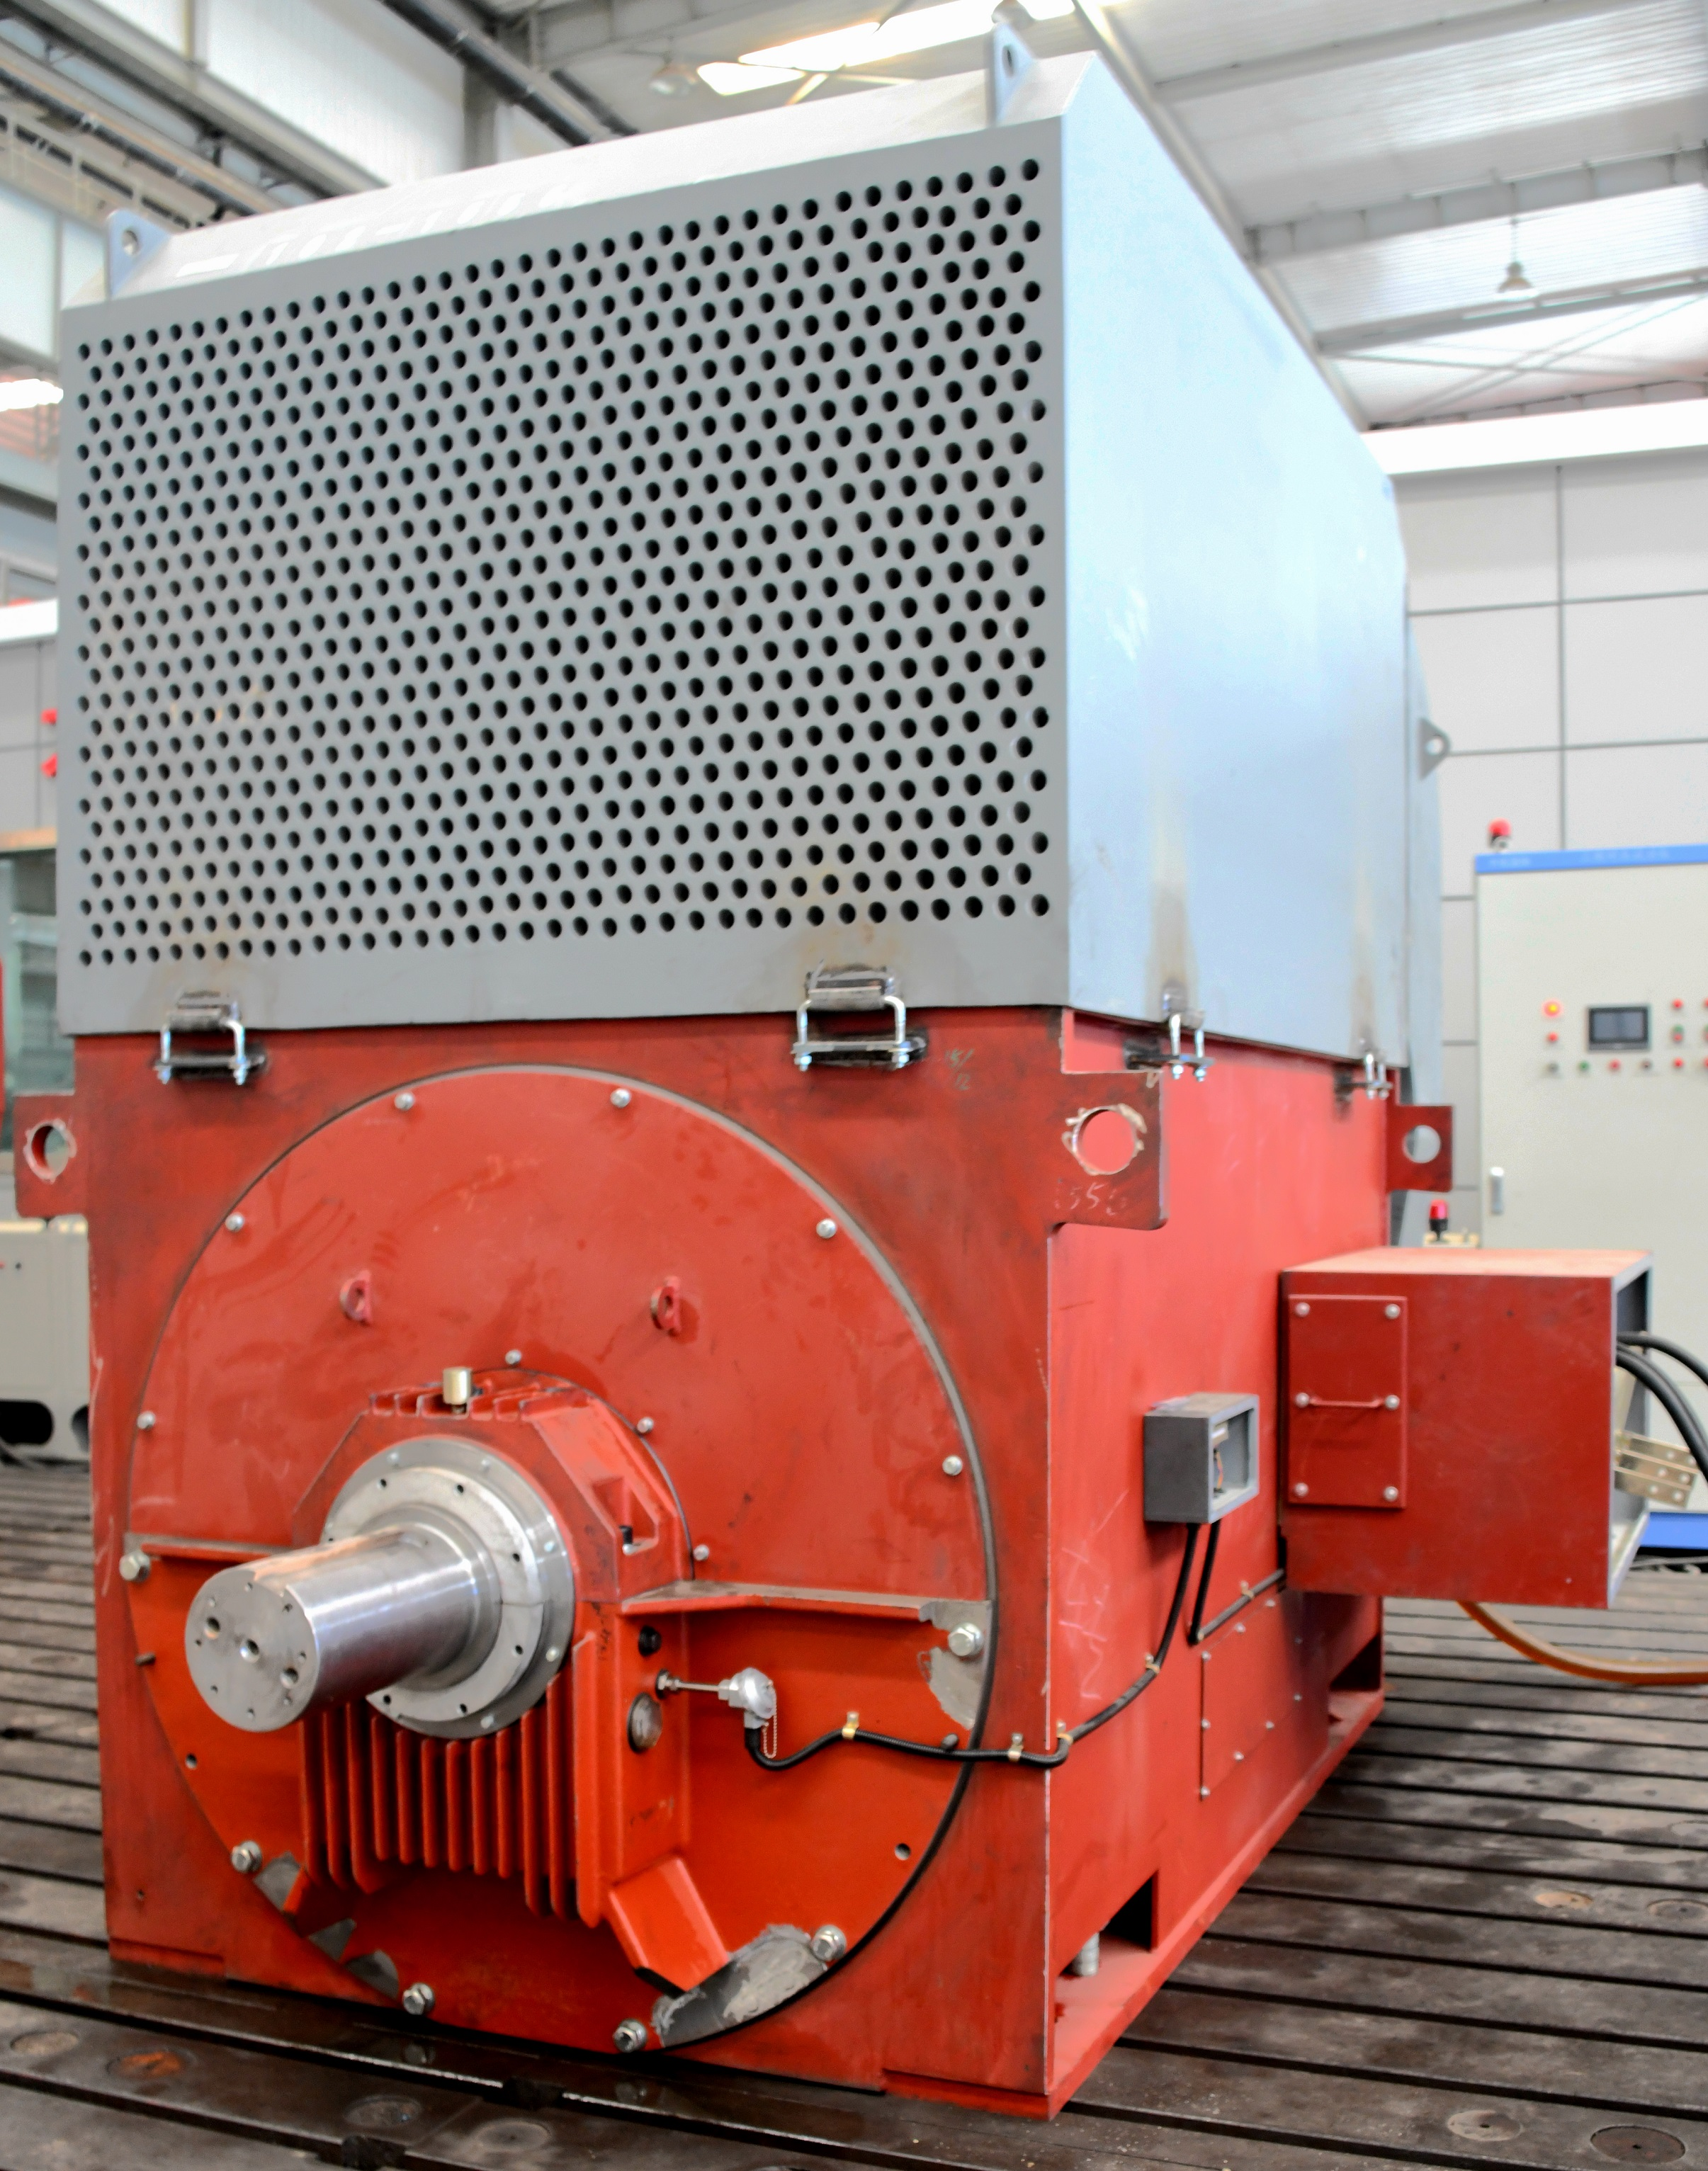 公司新一代大型高功率密度高压三相异步电机研制成功